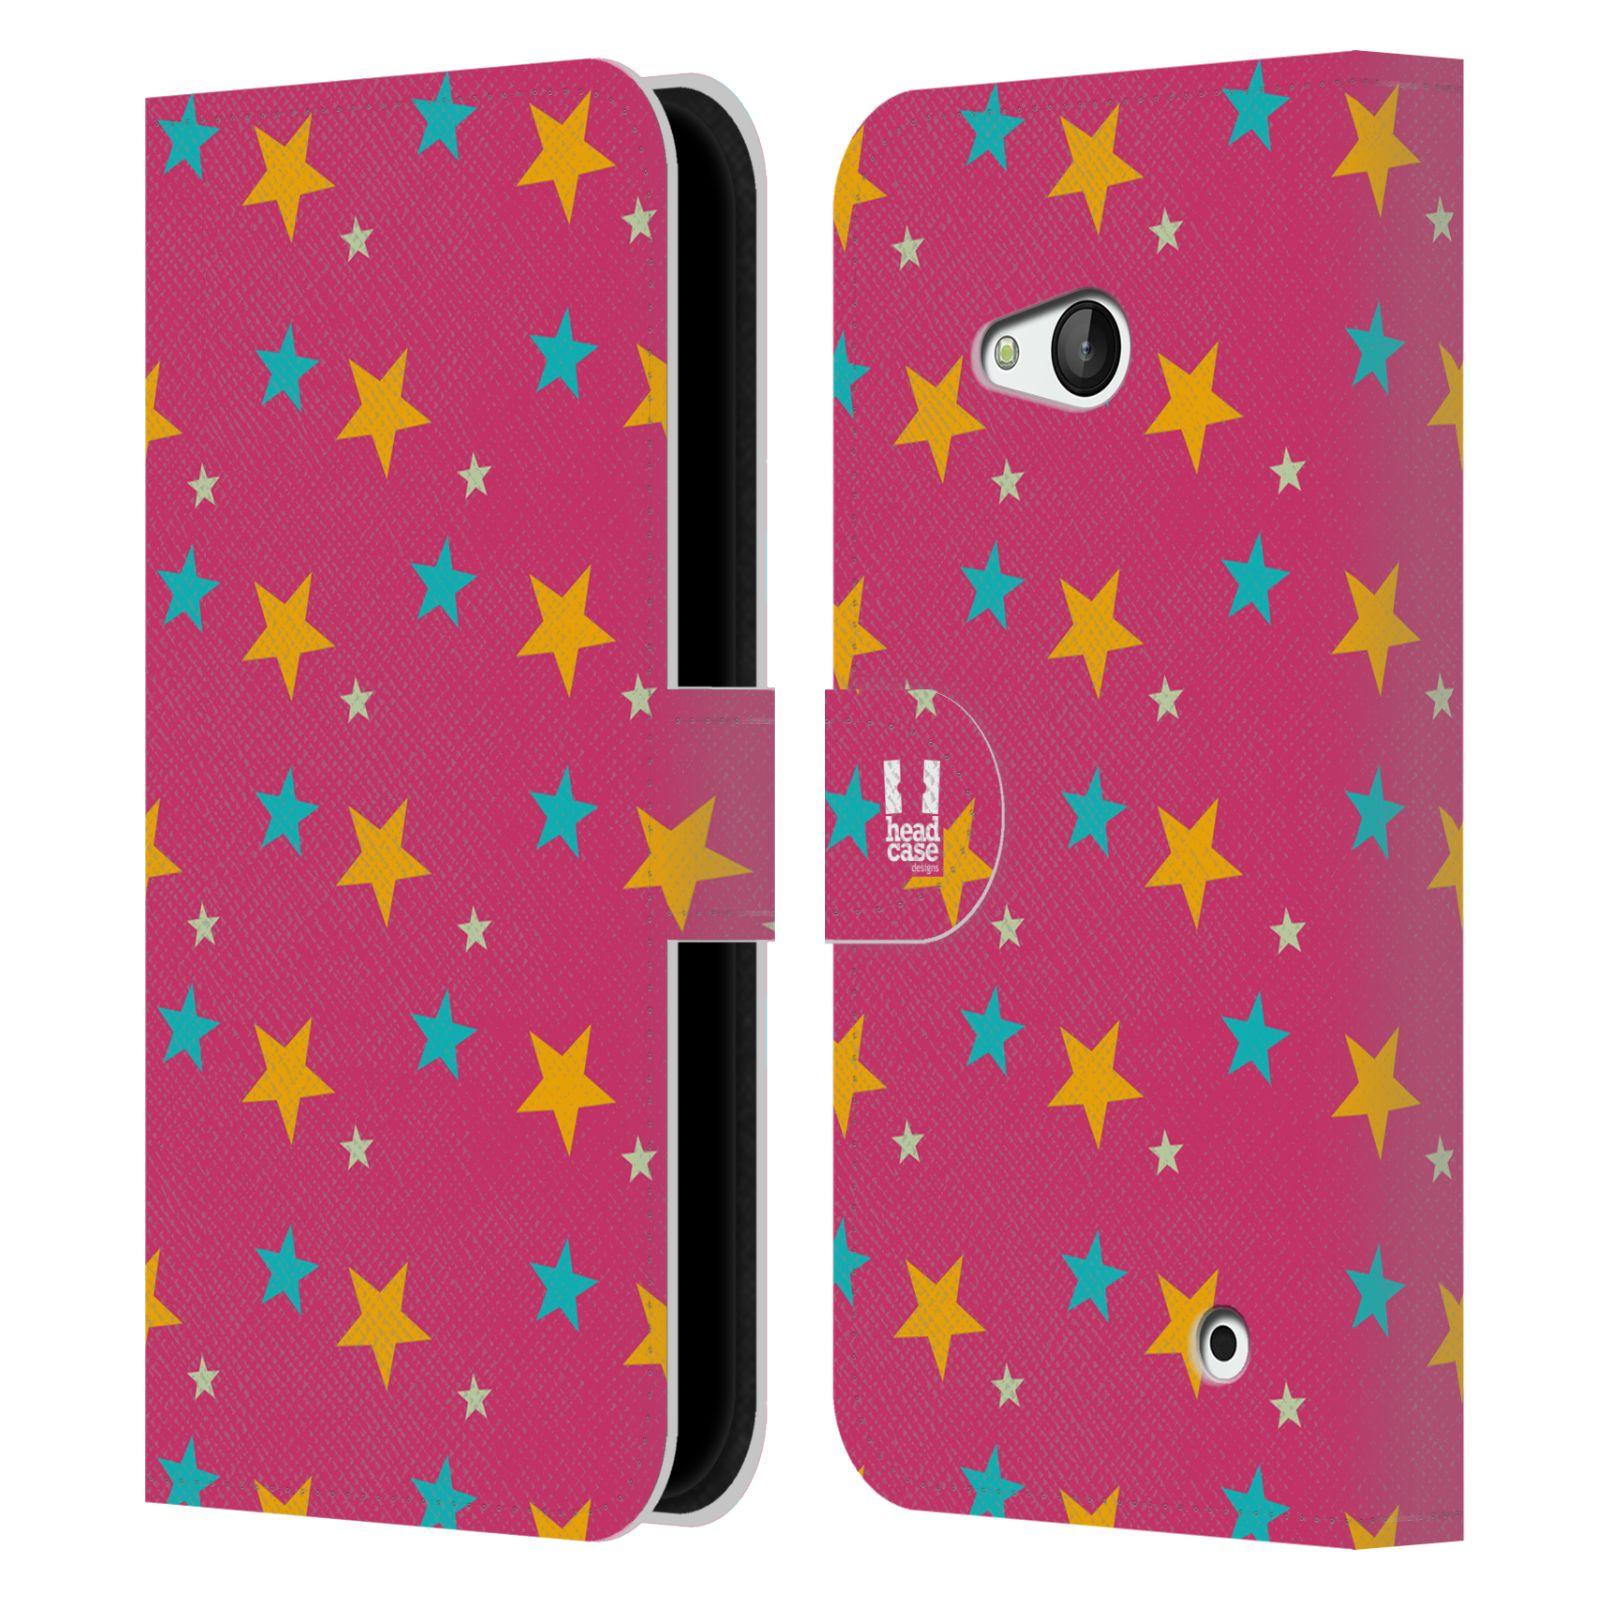 HEAD CASE Flipové pouzdro pro mobil NOKIA / MICROSOFT LUMIA 640 / LUMIA 640 DUAL vzor hvězdičky růžová a žlutá